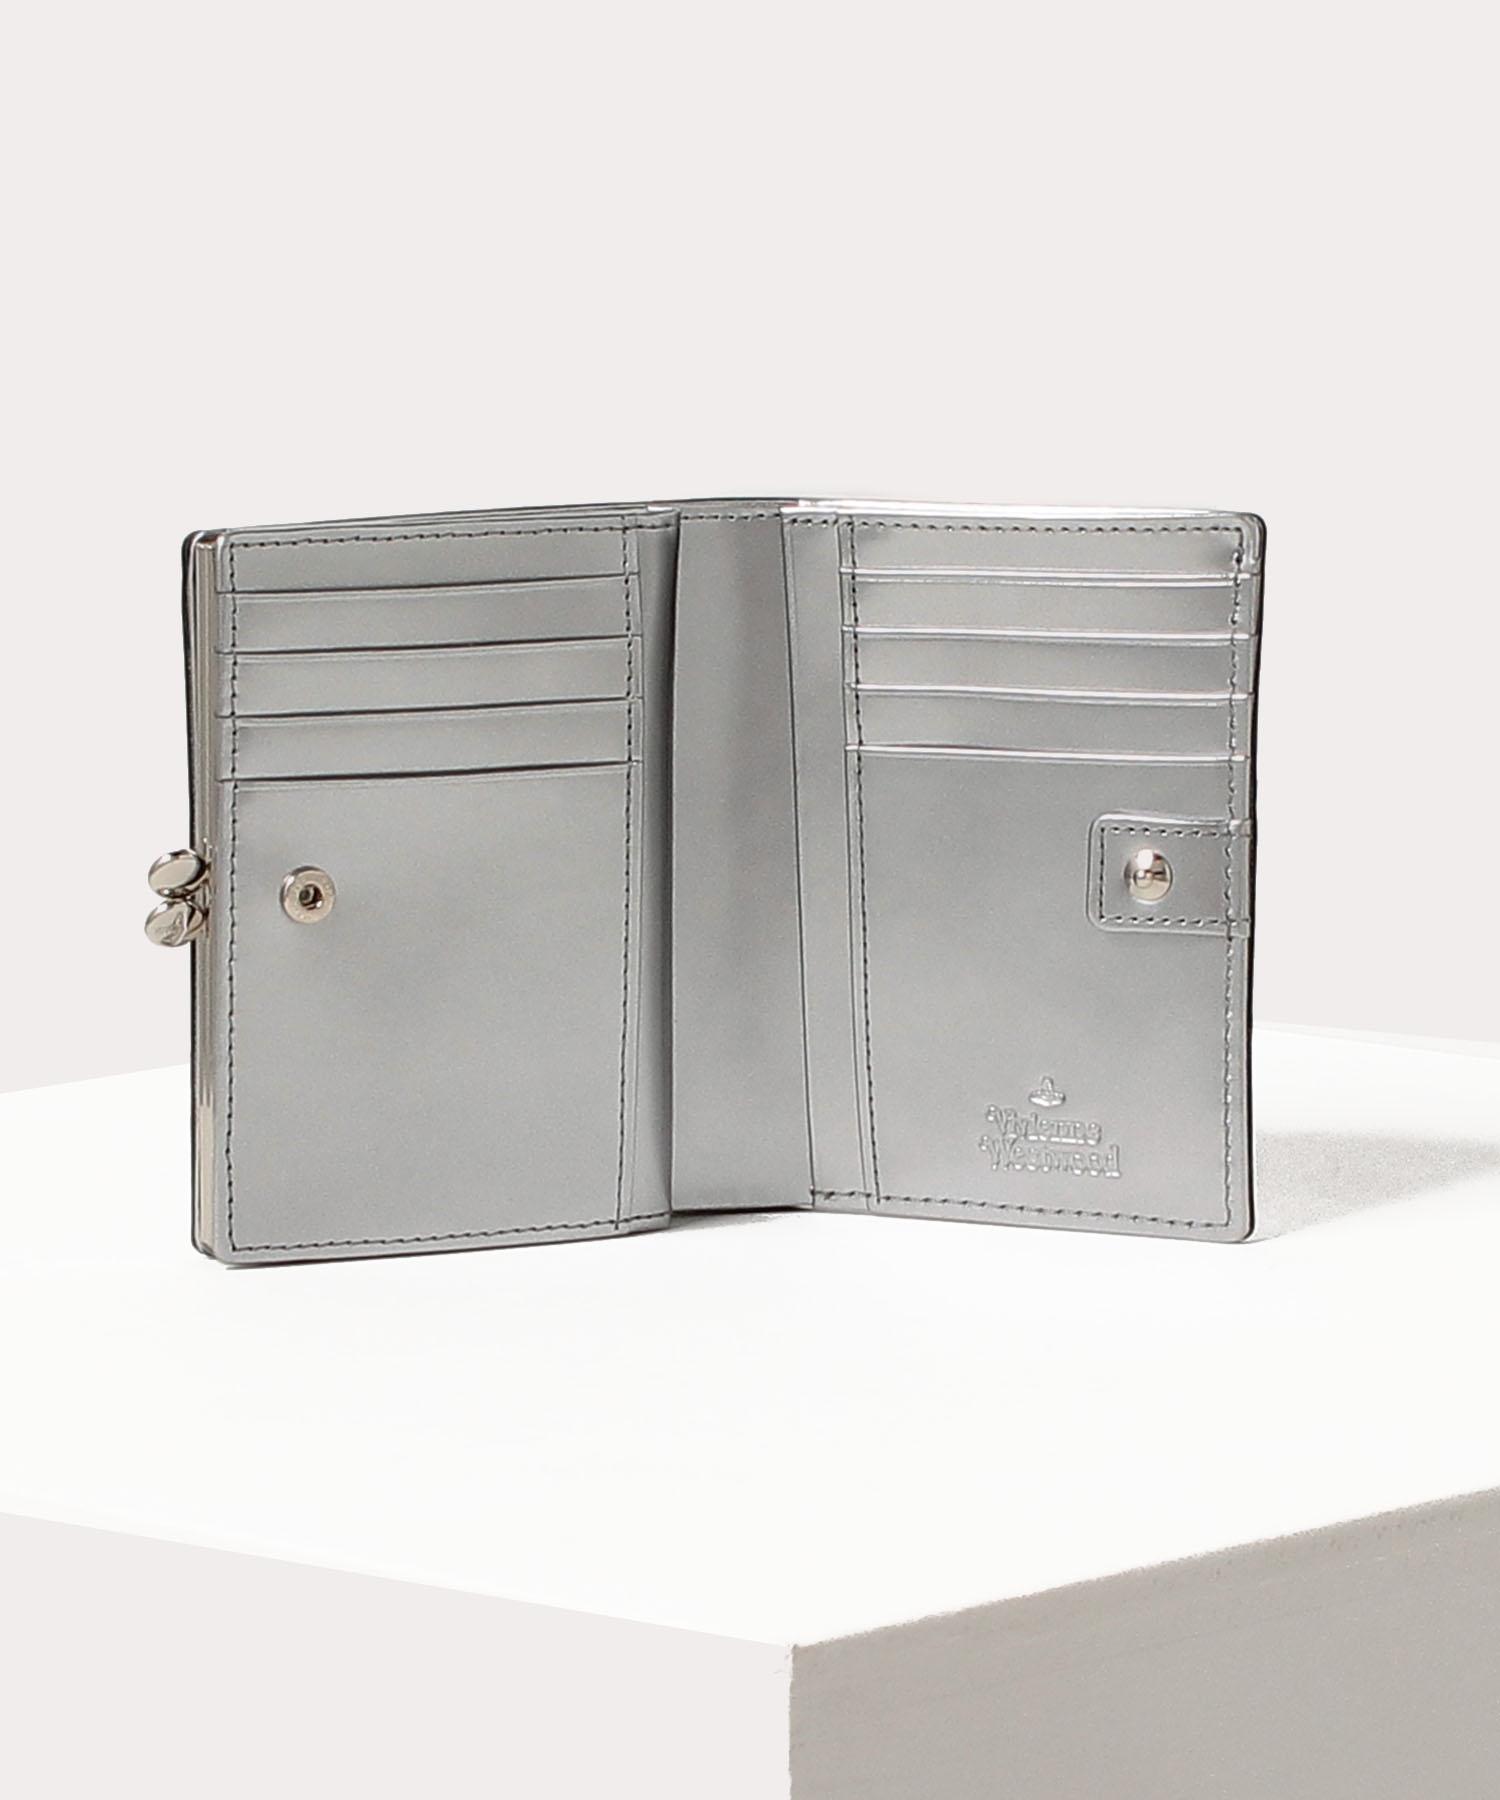 カット&スラッシュ 口金二つ折り財布